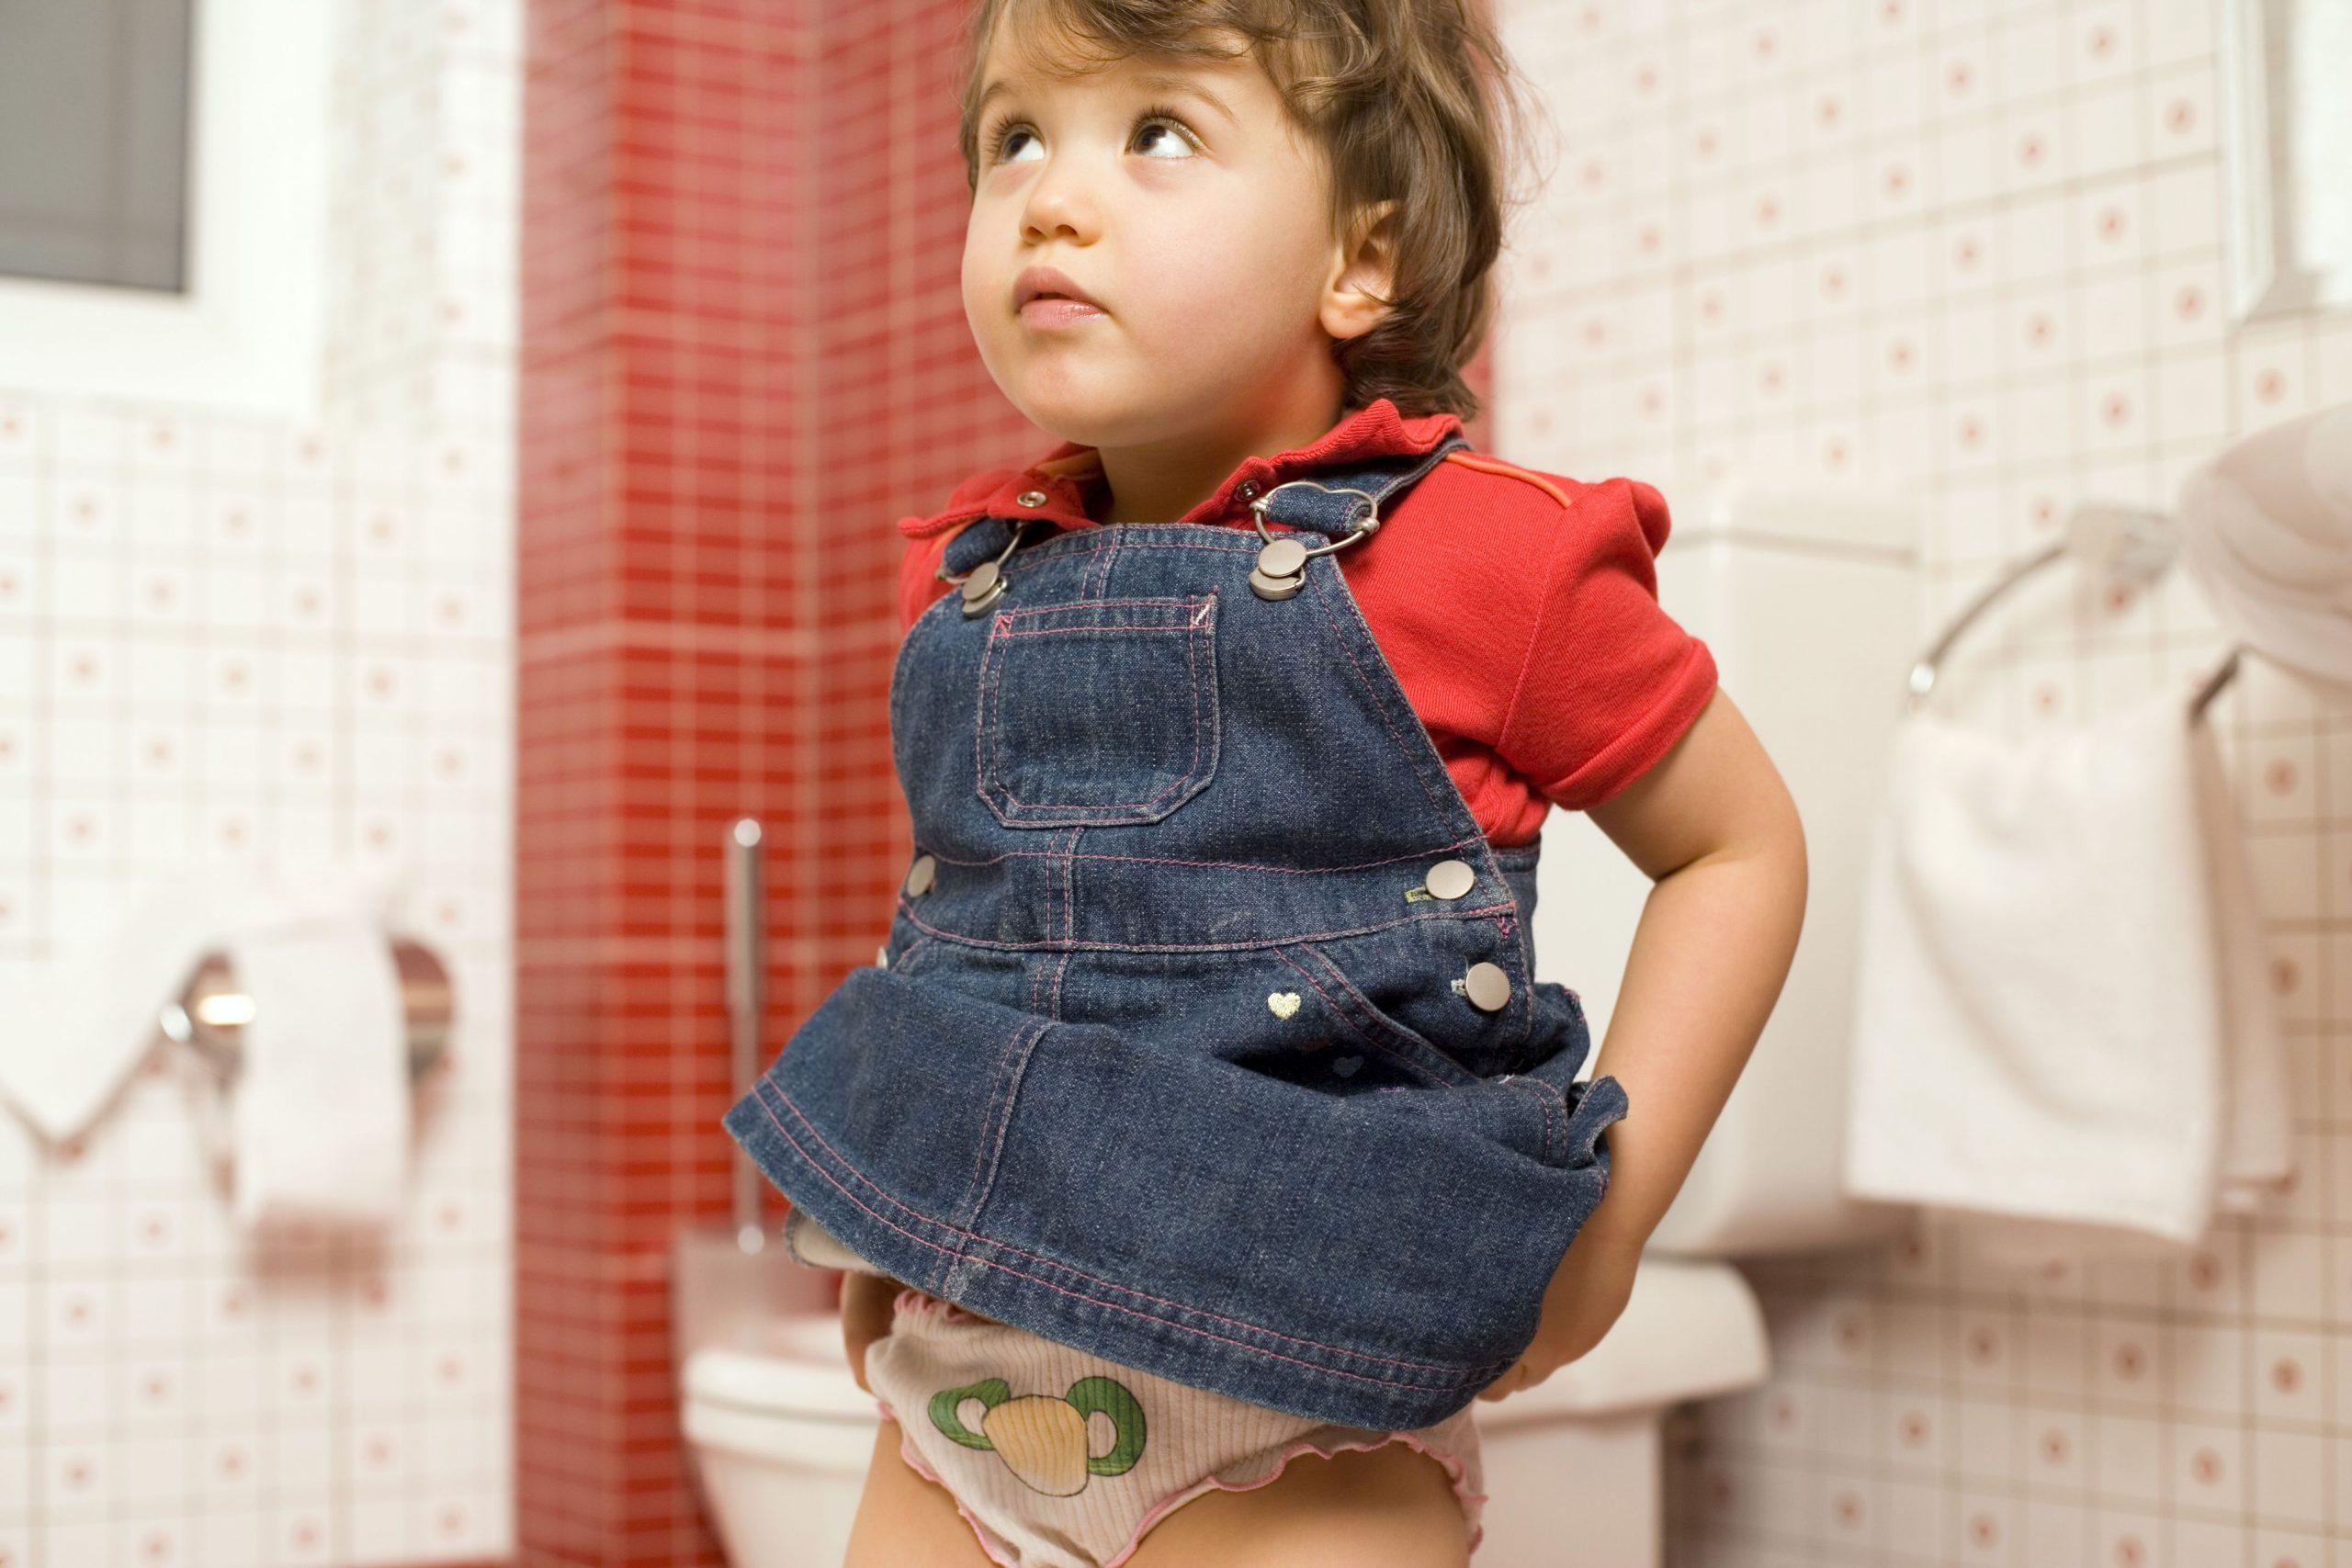 Adım Adım Tuvalet Eğitimi için İpuçları, İLK EVİN - Özel Eğitim ve Rehabilitasyon Merkezi